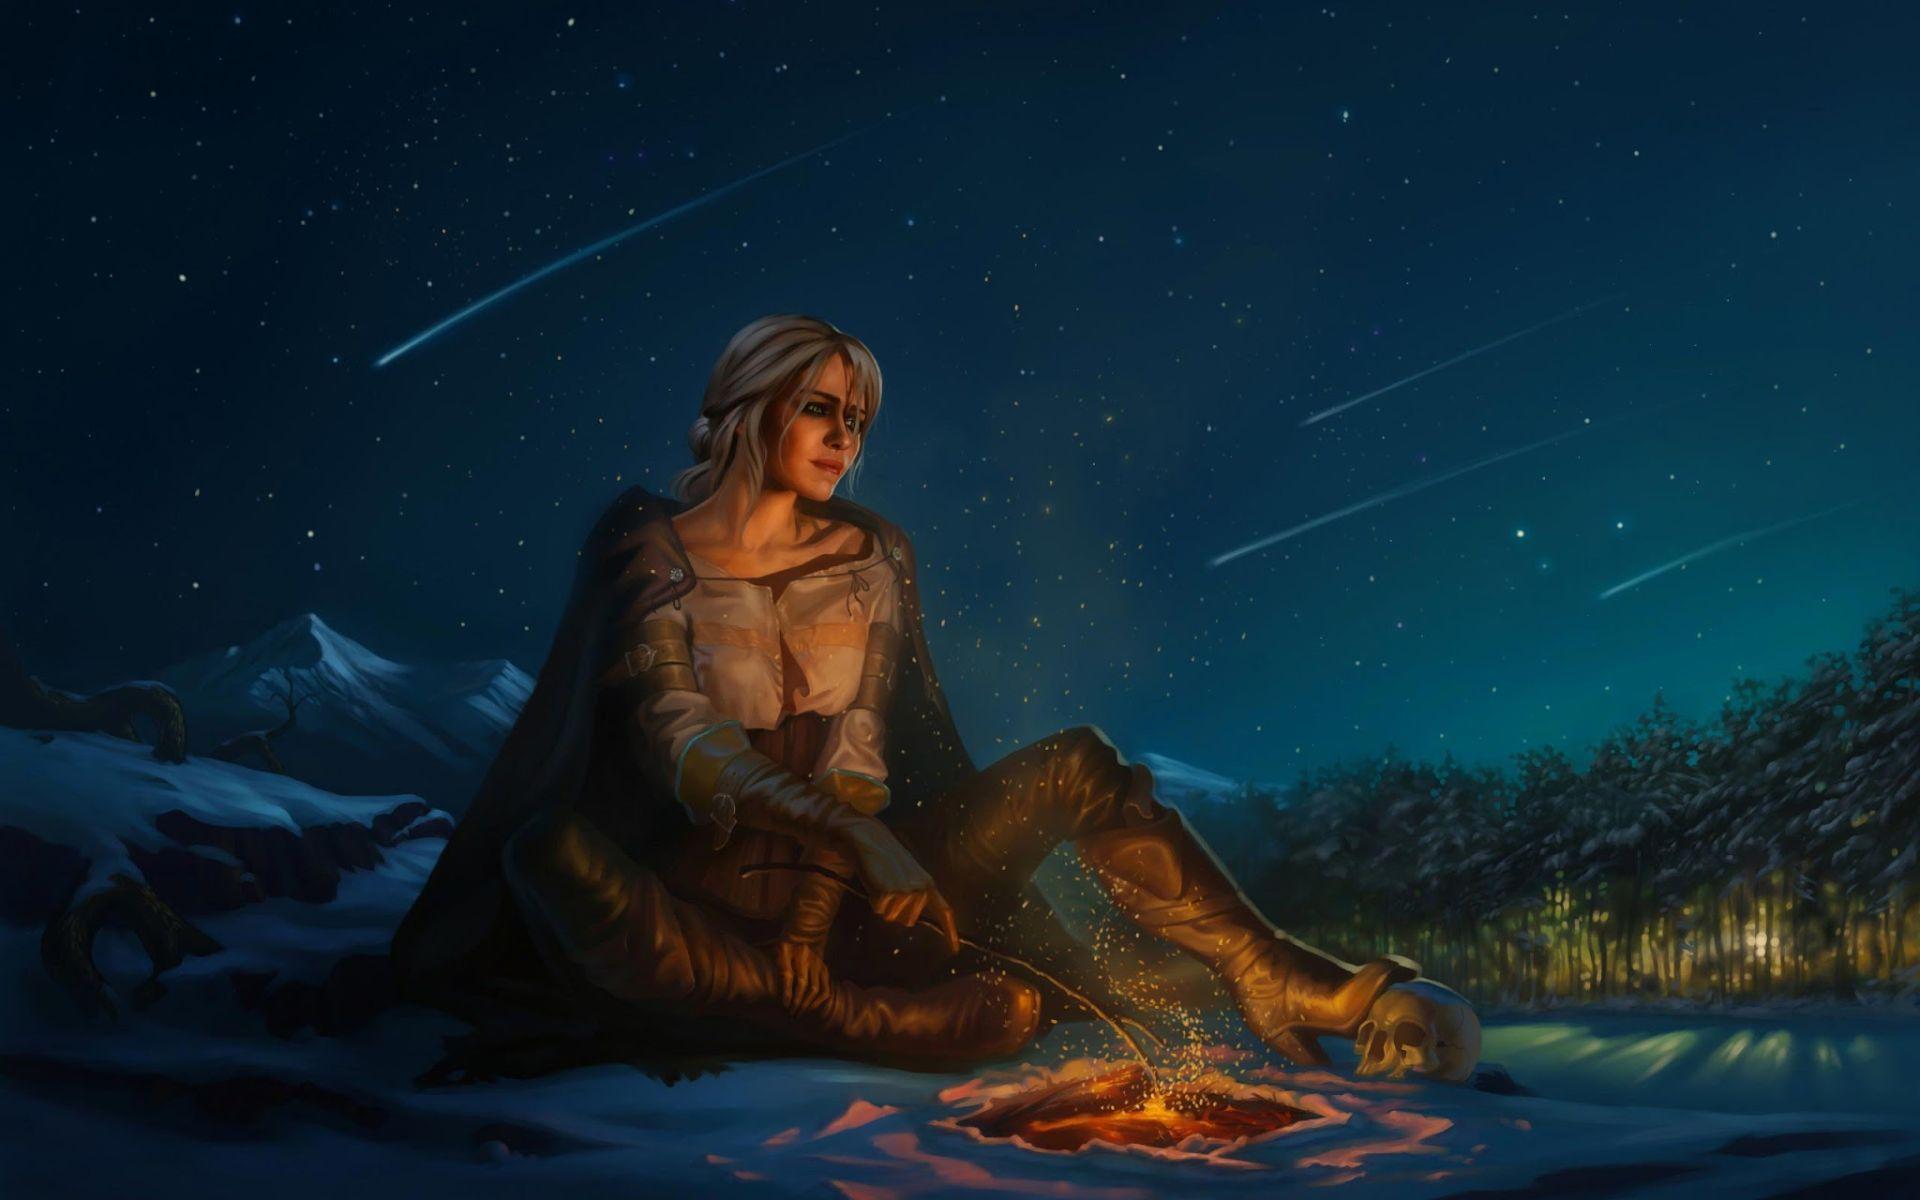 Witcher Ciri art, Cool Wallpaper